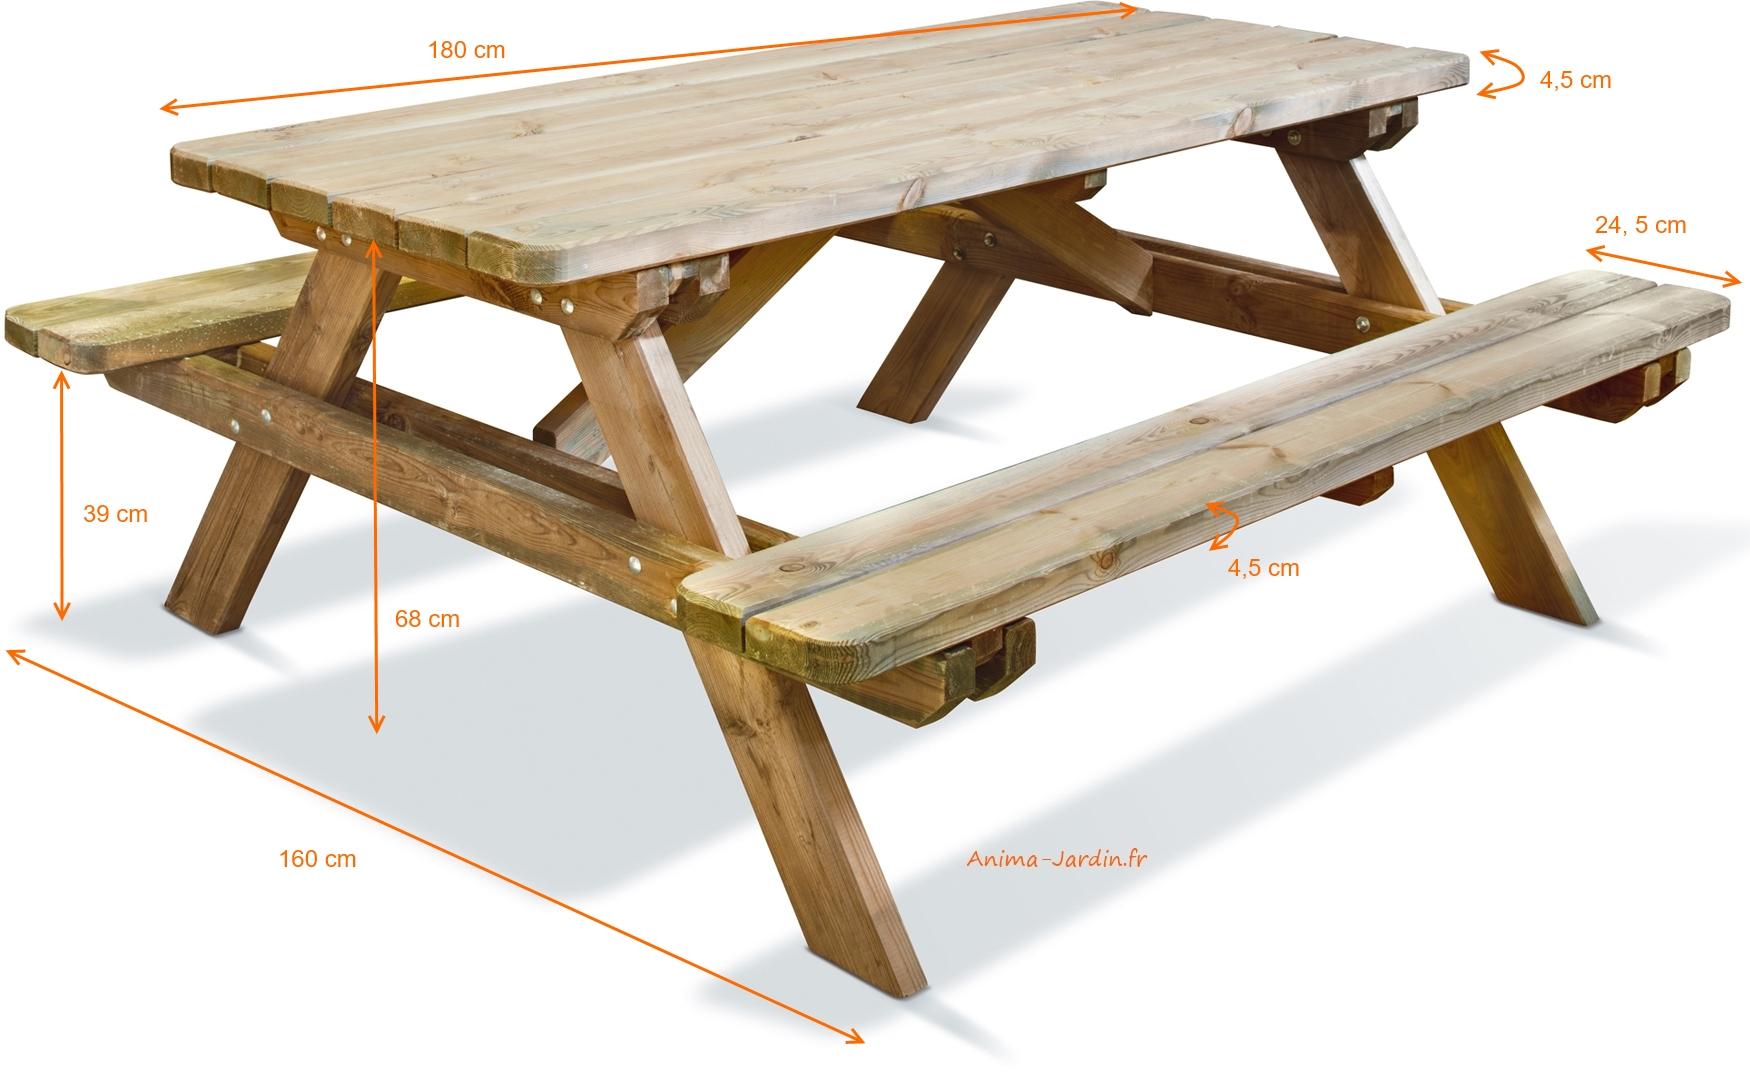 Table-forestière-robuste-180cm-bois-autoclave-anima-jardin.fr